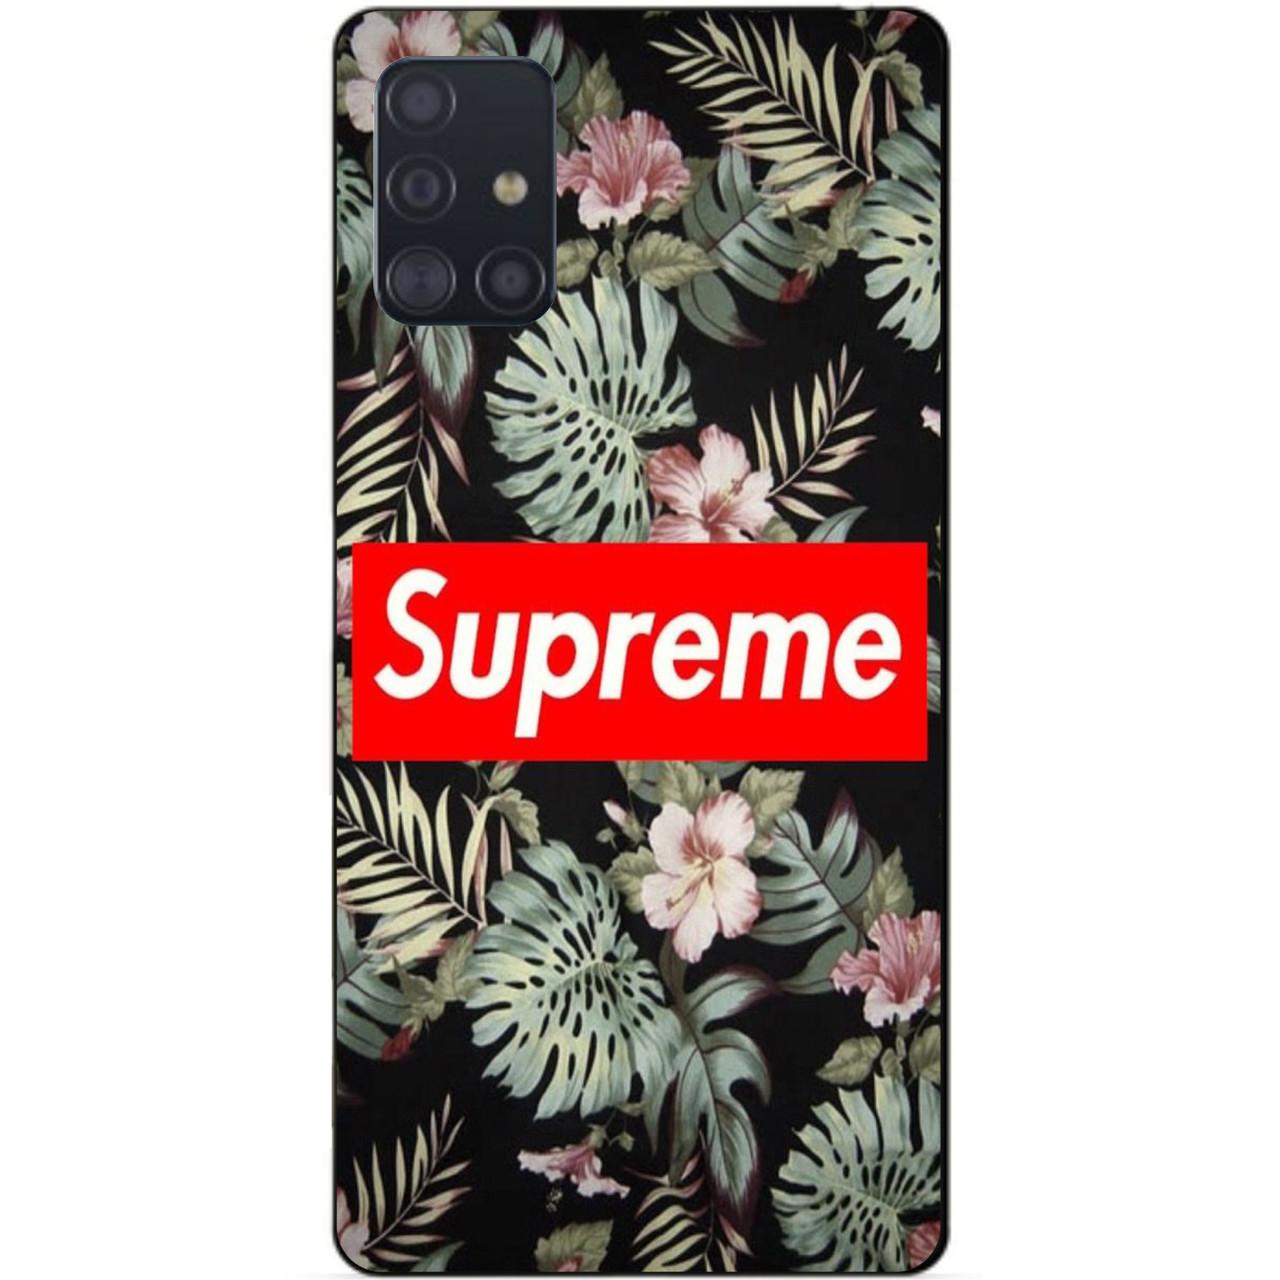 Силиконовый чехол бампер для Samsung A51 Galaxy A515 с рисунком Supreme на листьях